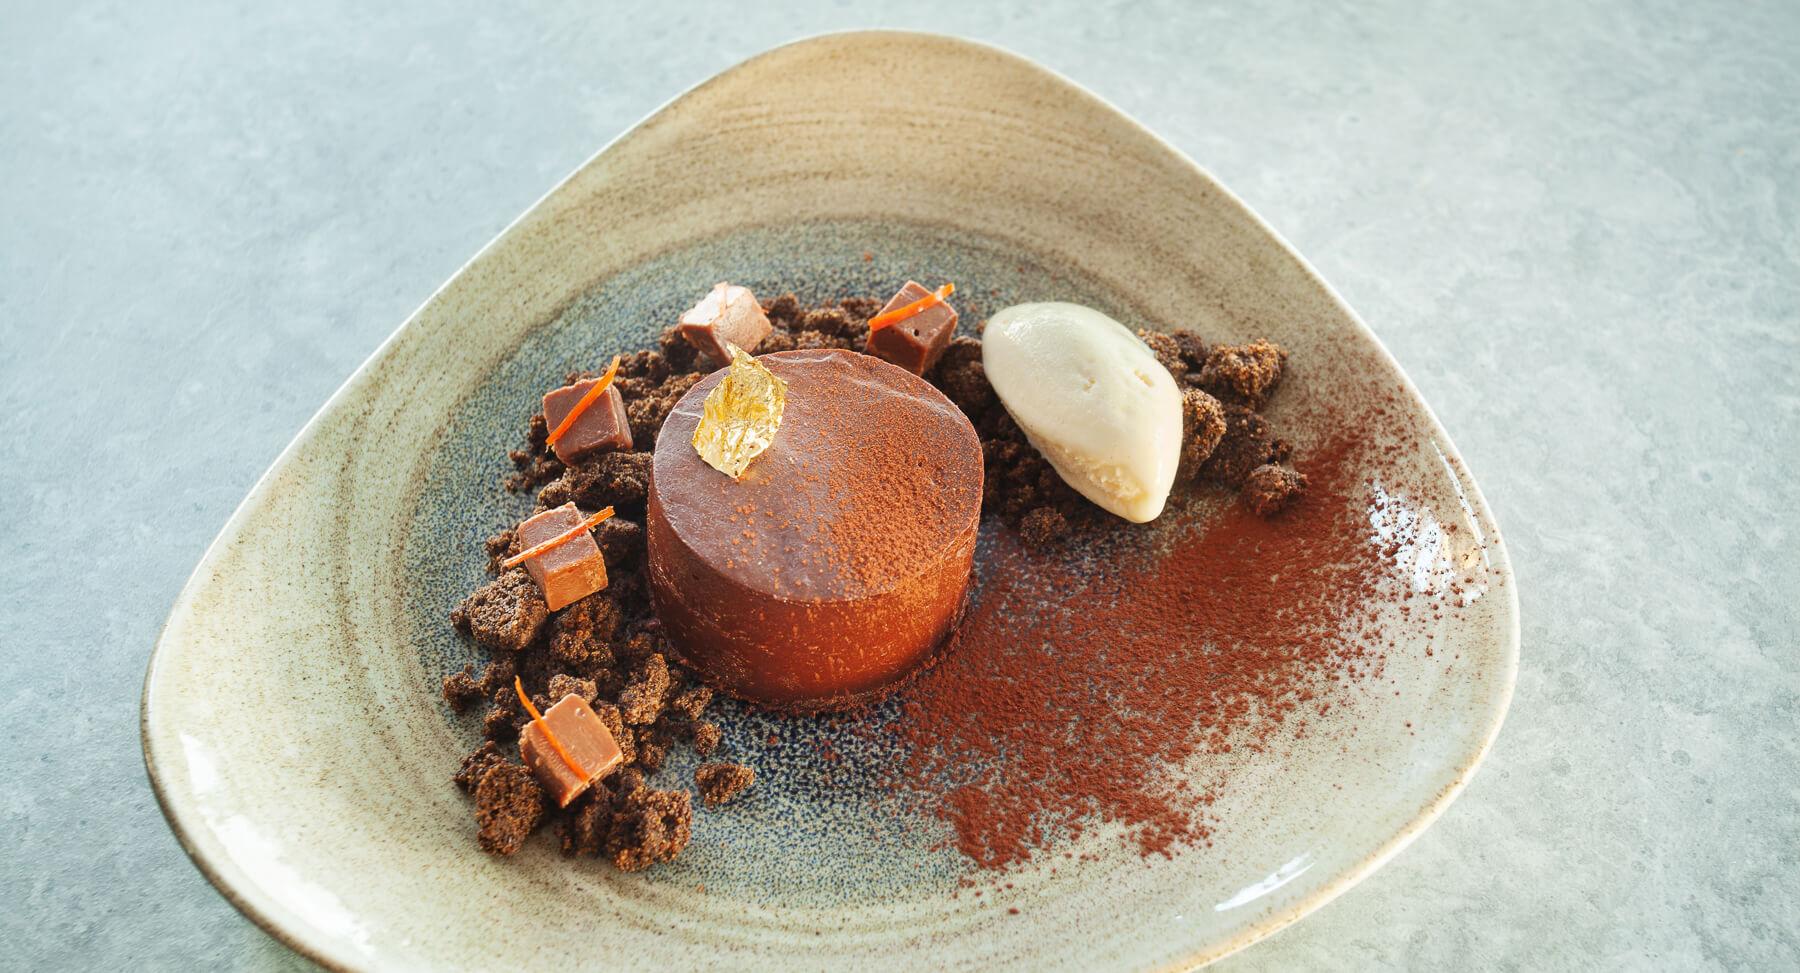 Dessert duRestaurant Bistronomique Franco-Brésilien à Vauvenargues de l'Hôtel Sainte Victoire